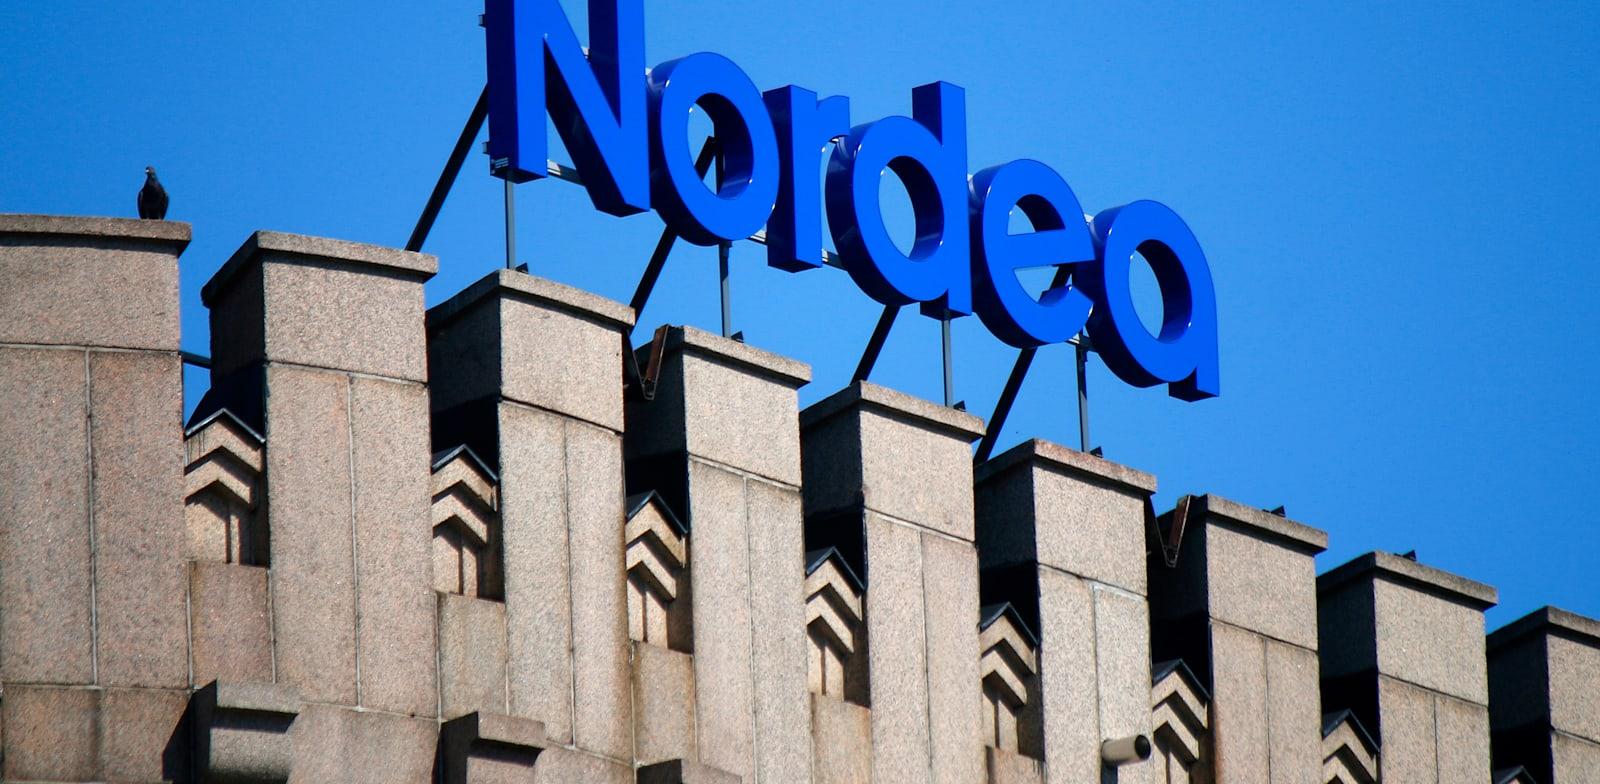 Nordea. שבר את המחסום / צילום: Shutterstock